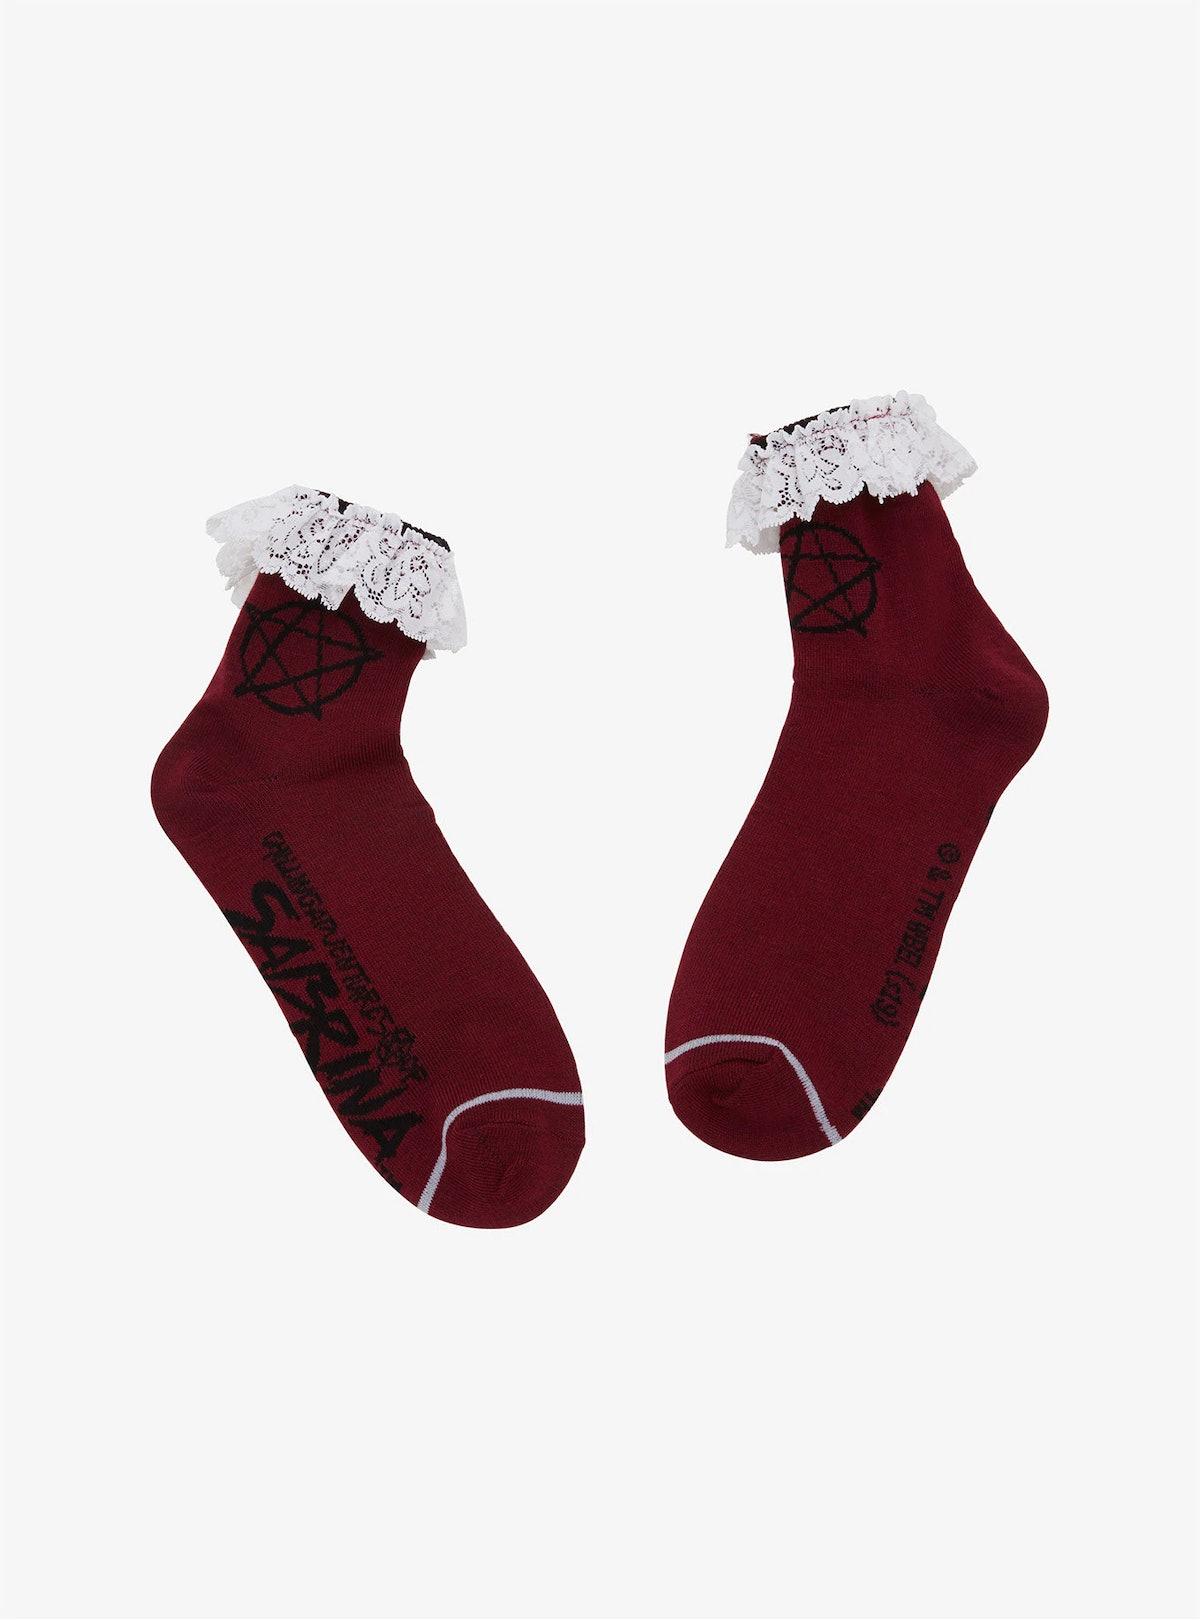 Chilling Adventures Of Sabrina Pentagram Lace Ankle Socks